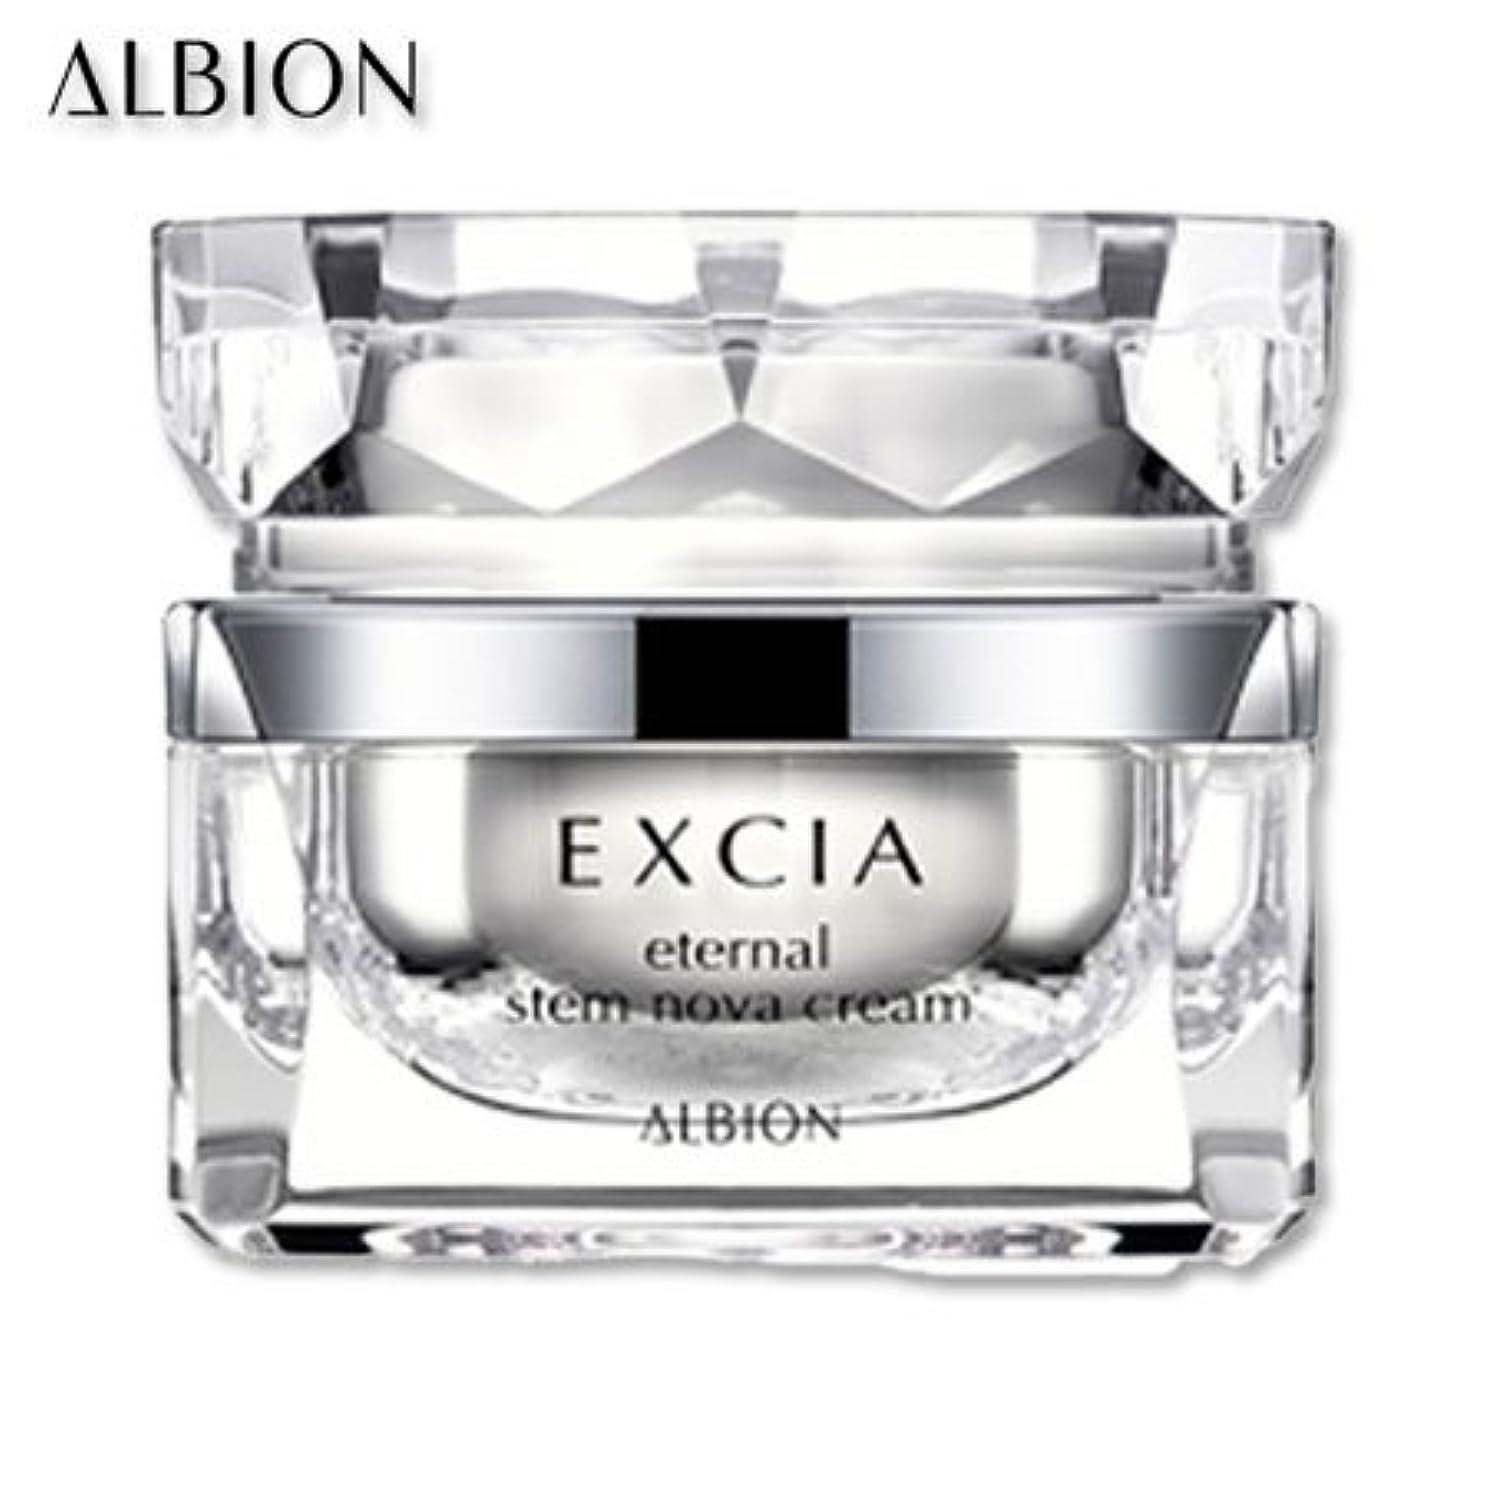 バラバラにするビットカメラアルビオン エクシア AL エターナル ステム ノーヴァ クリーム 30g-ALBION-